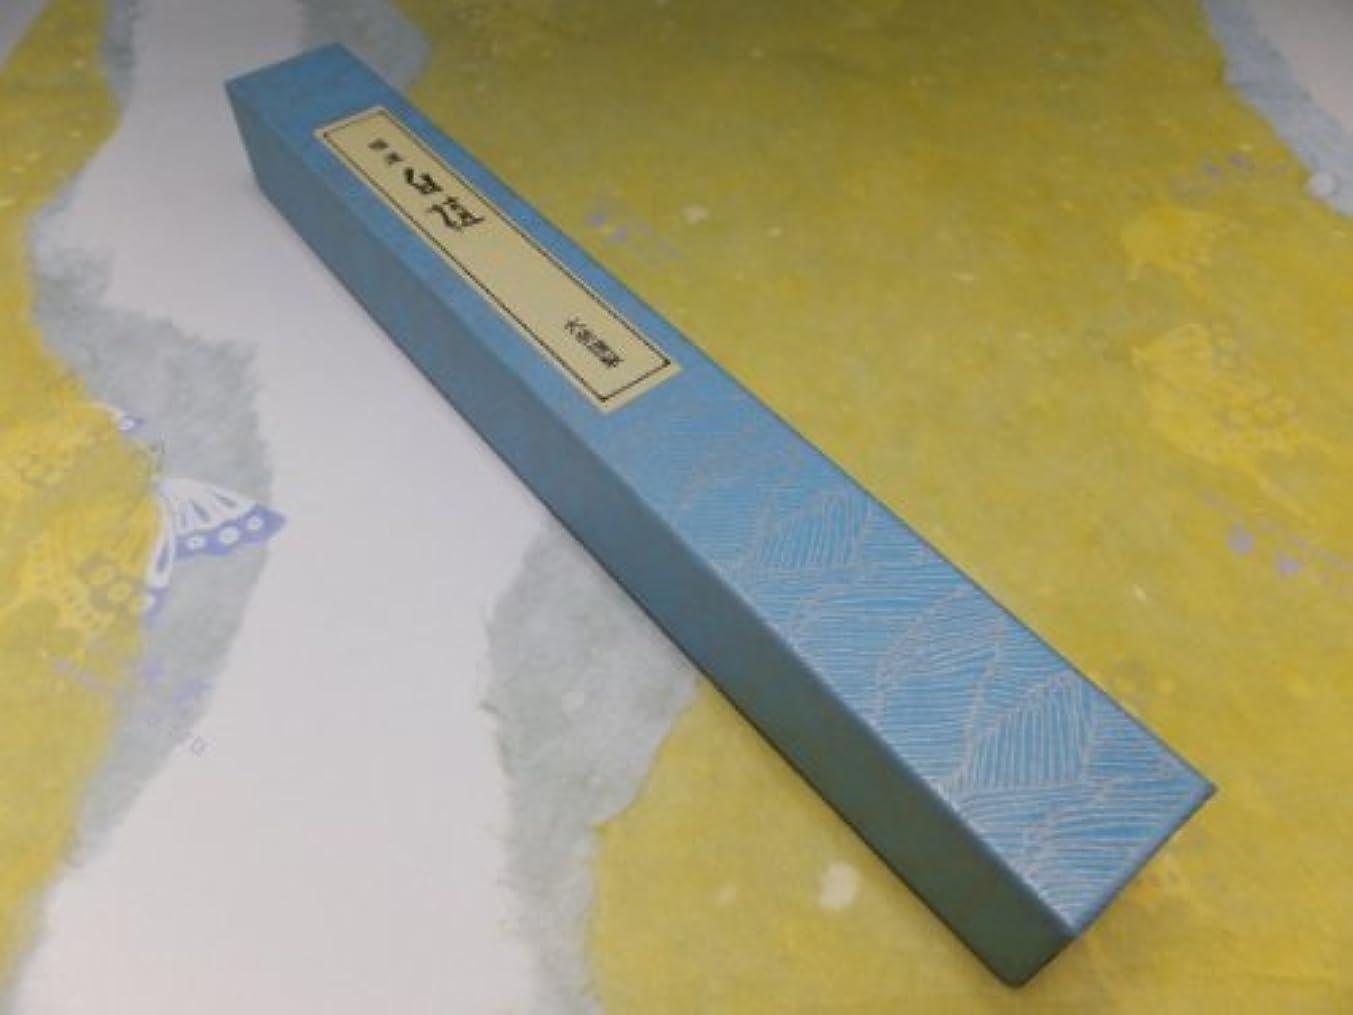 額作るエキス淡路島の「大発」のお線香 福運 白檀 長寸 (日本のお線香の70%を生産する淡路島)